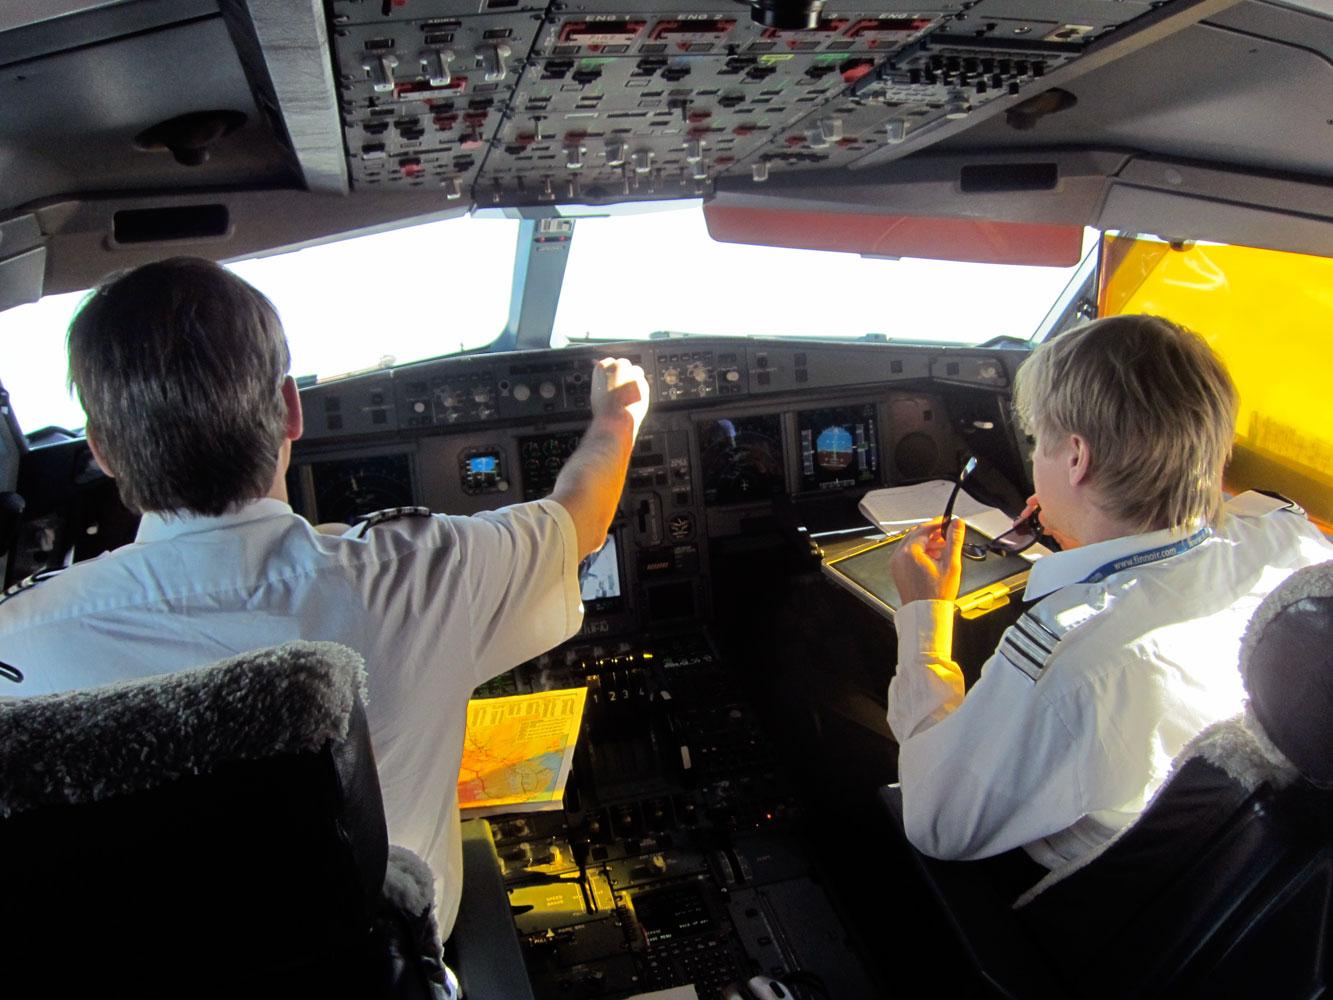 Finnair-piloter i cockpittet. De to piloter på billedet har ikke noget med den aktuelle sag at gøre. (Arkivfoto: Christina Lund Sørensen)